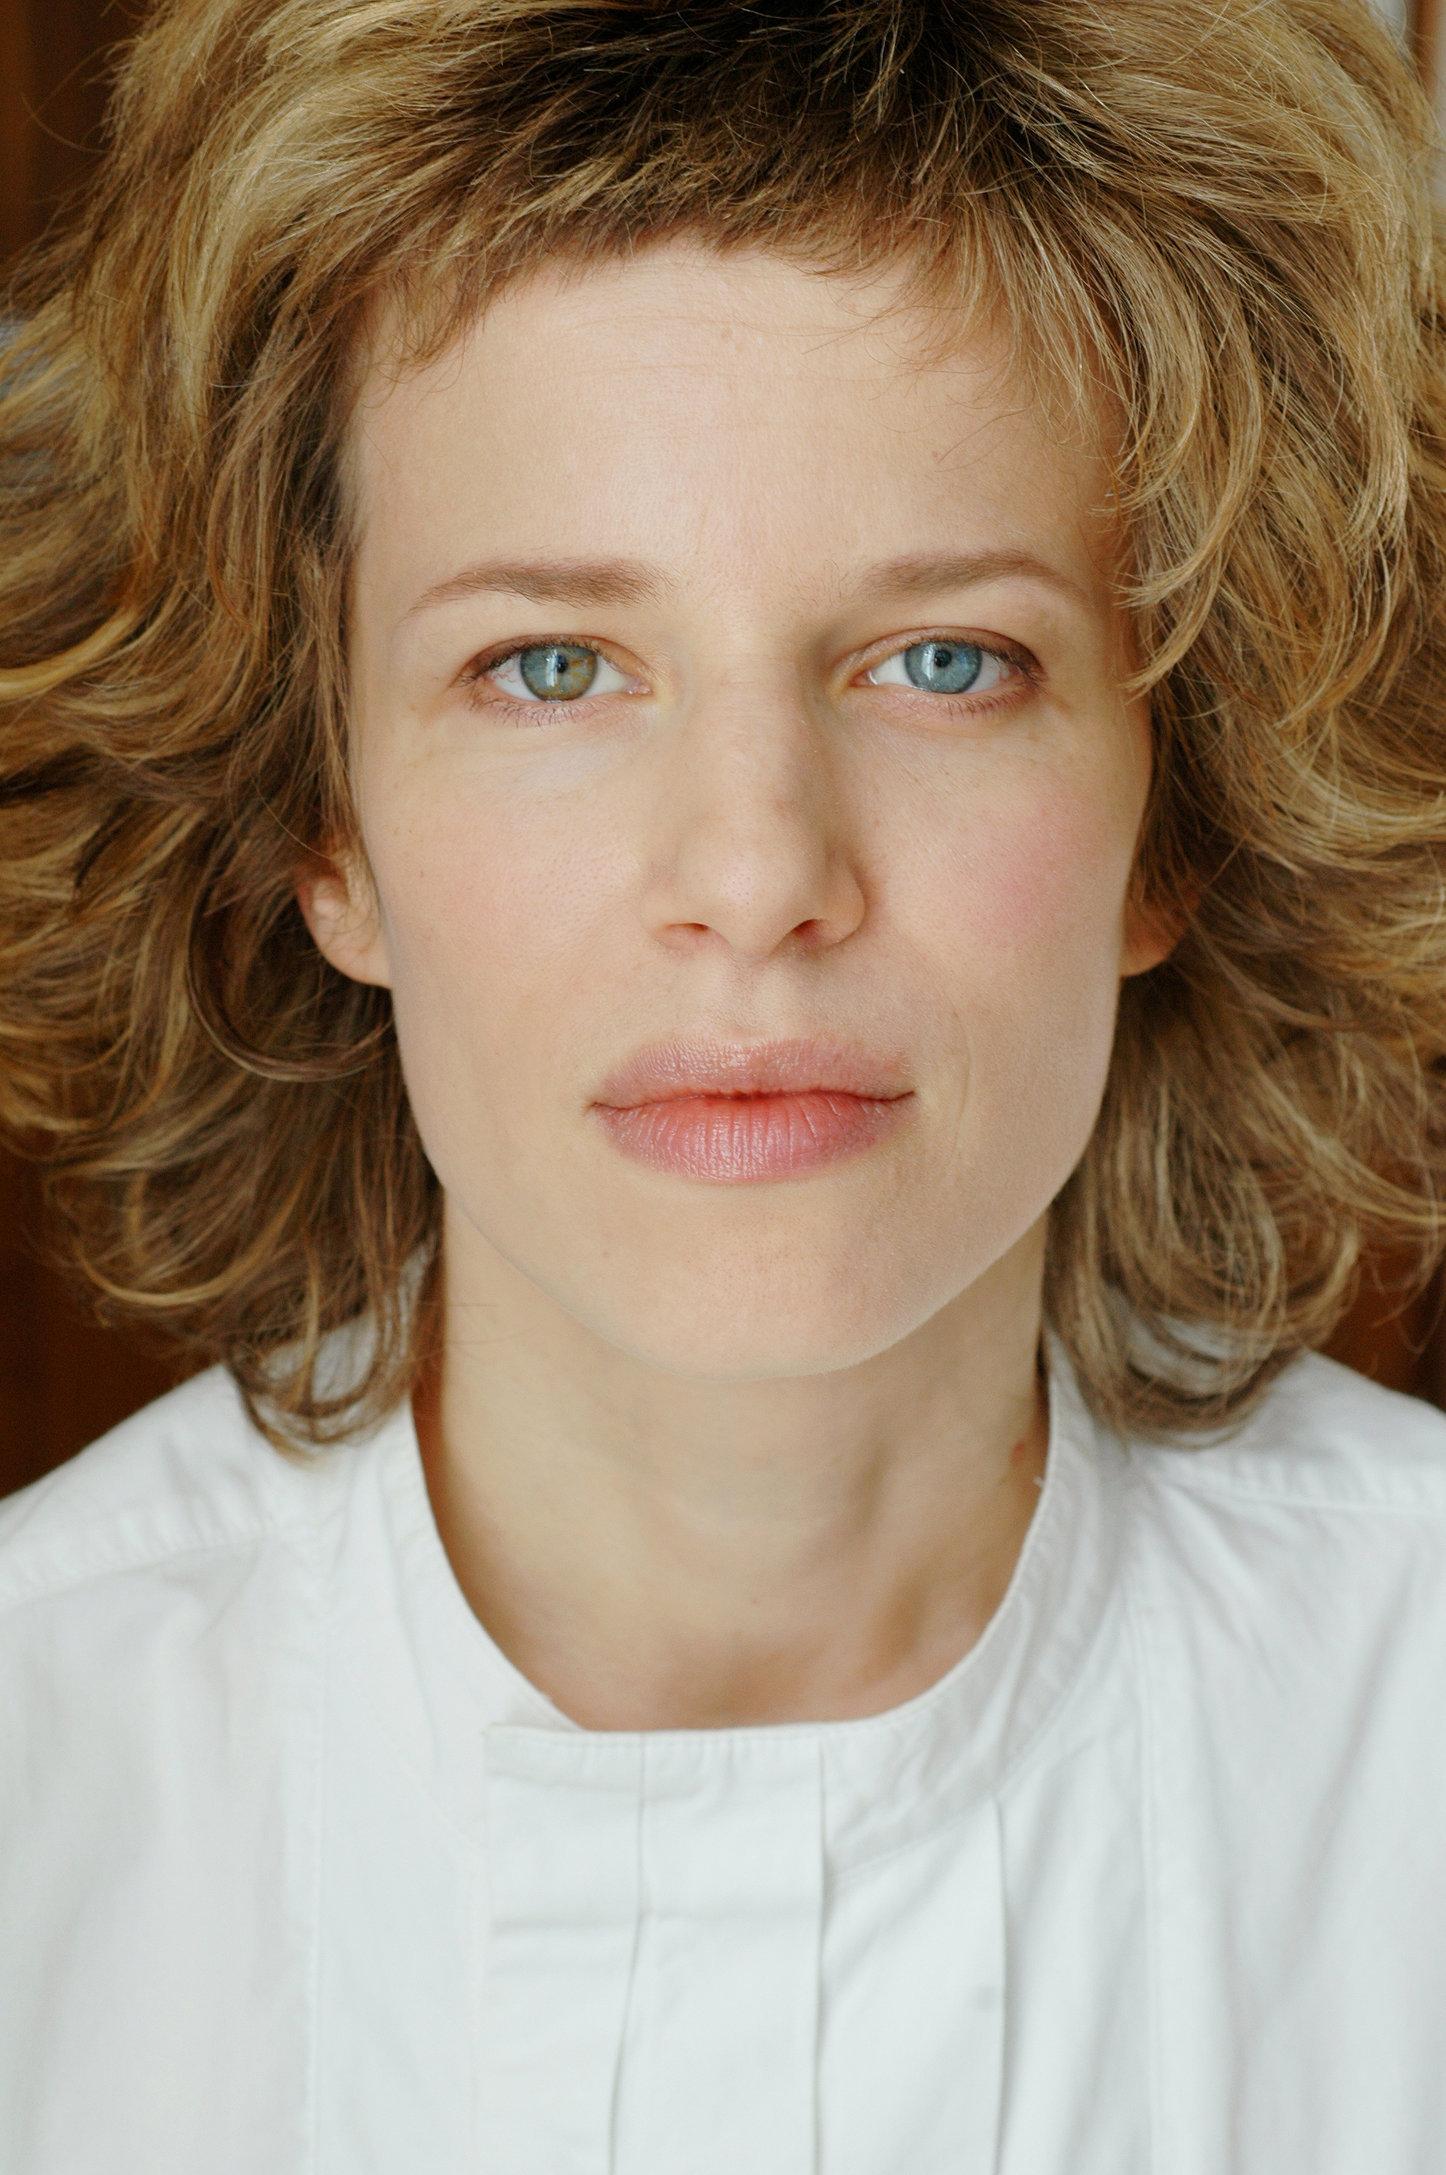 Sonia Bergamasco. Actress, musician